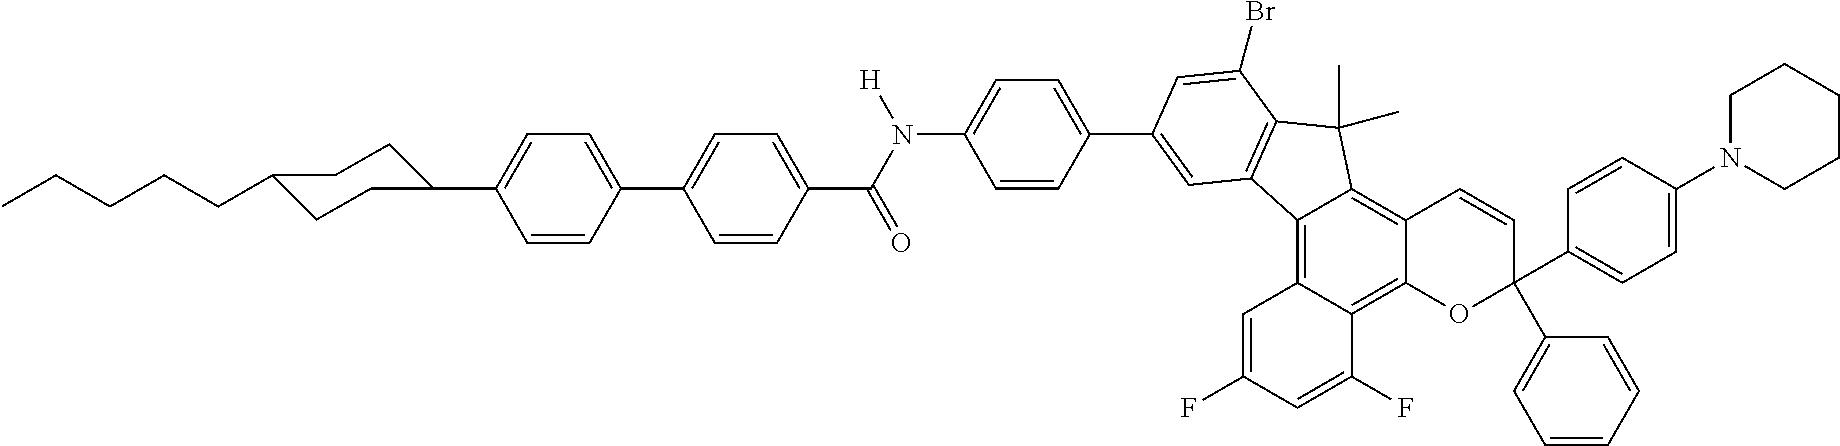 Figure US08545984-20131001-C00032